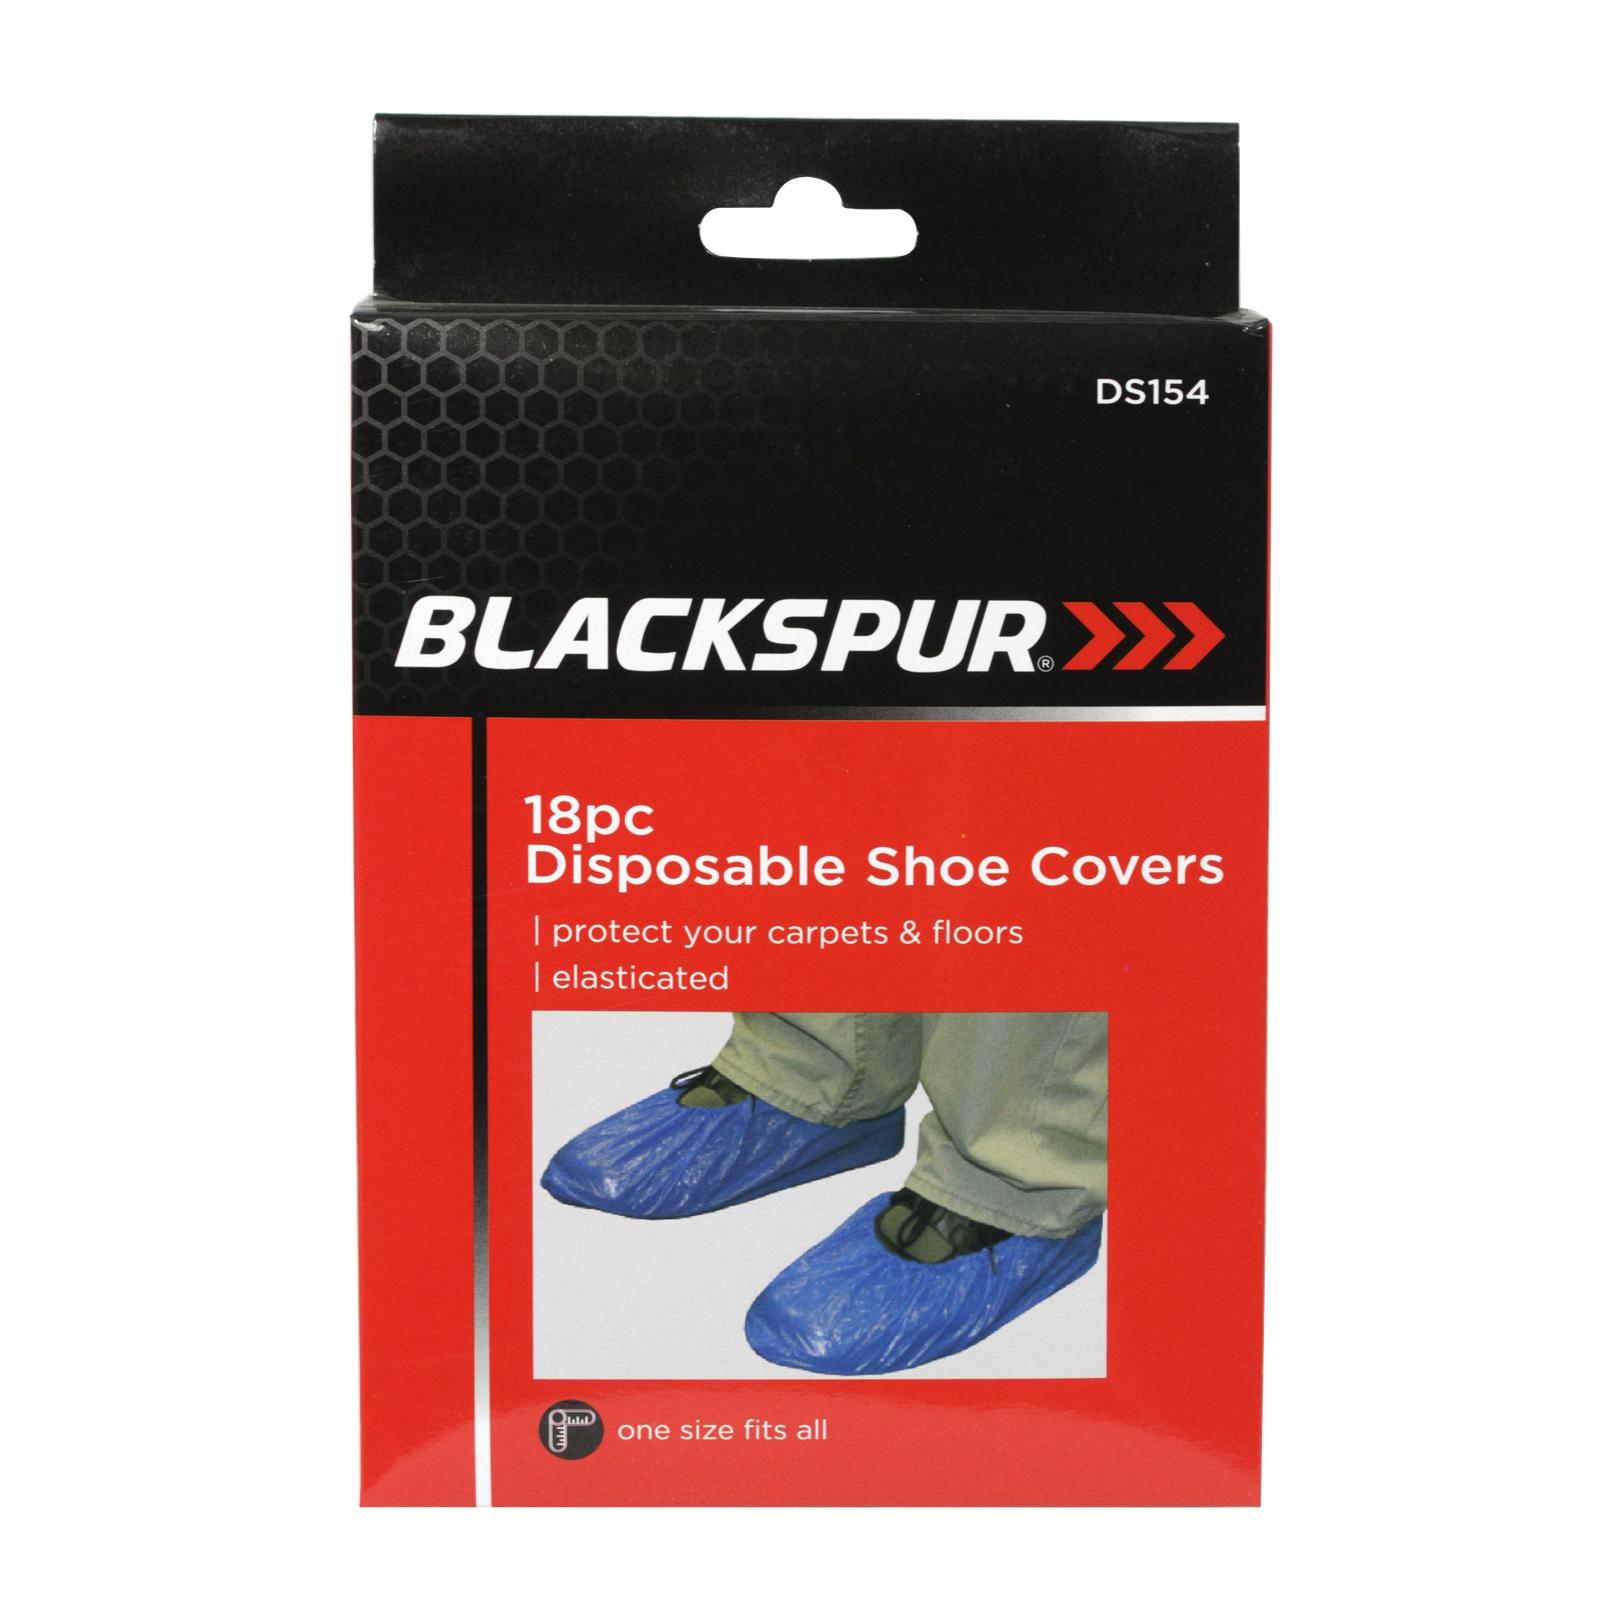 BLACKSPUR 24 DISPOSABLE SHOE COVERS